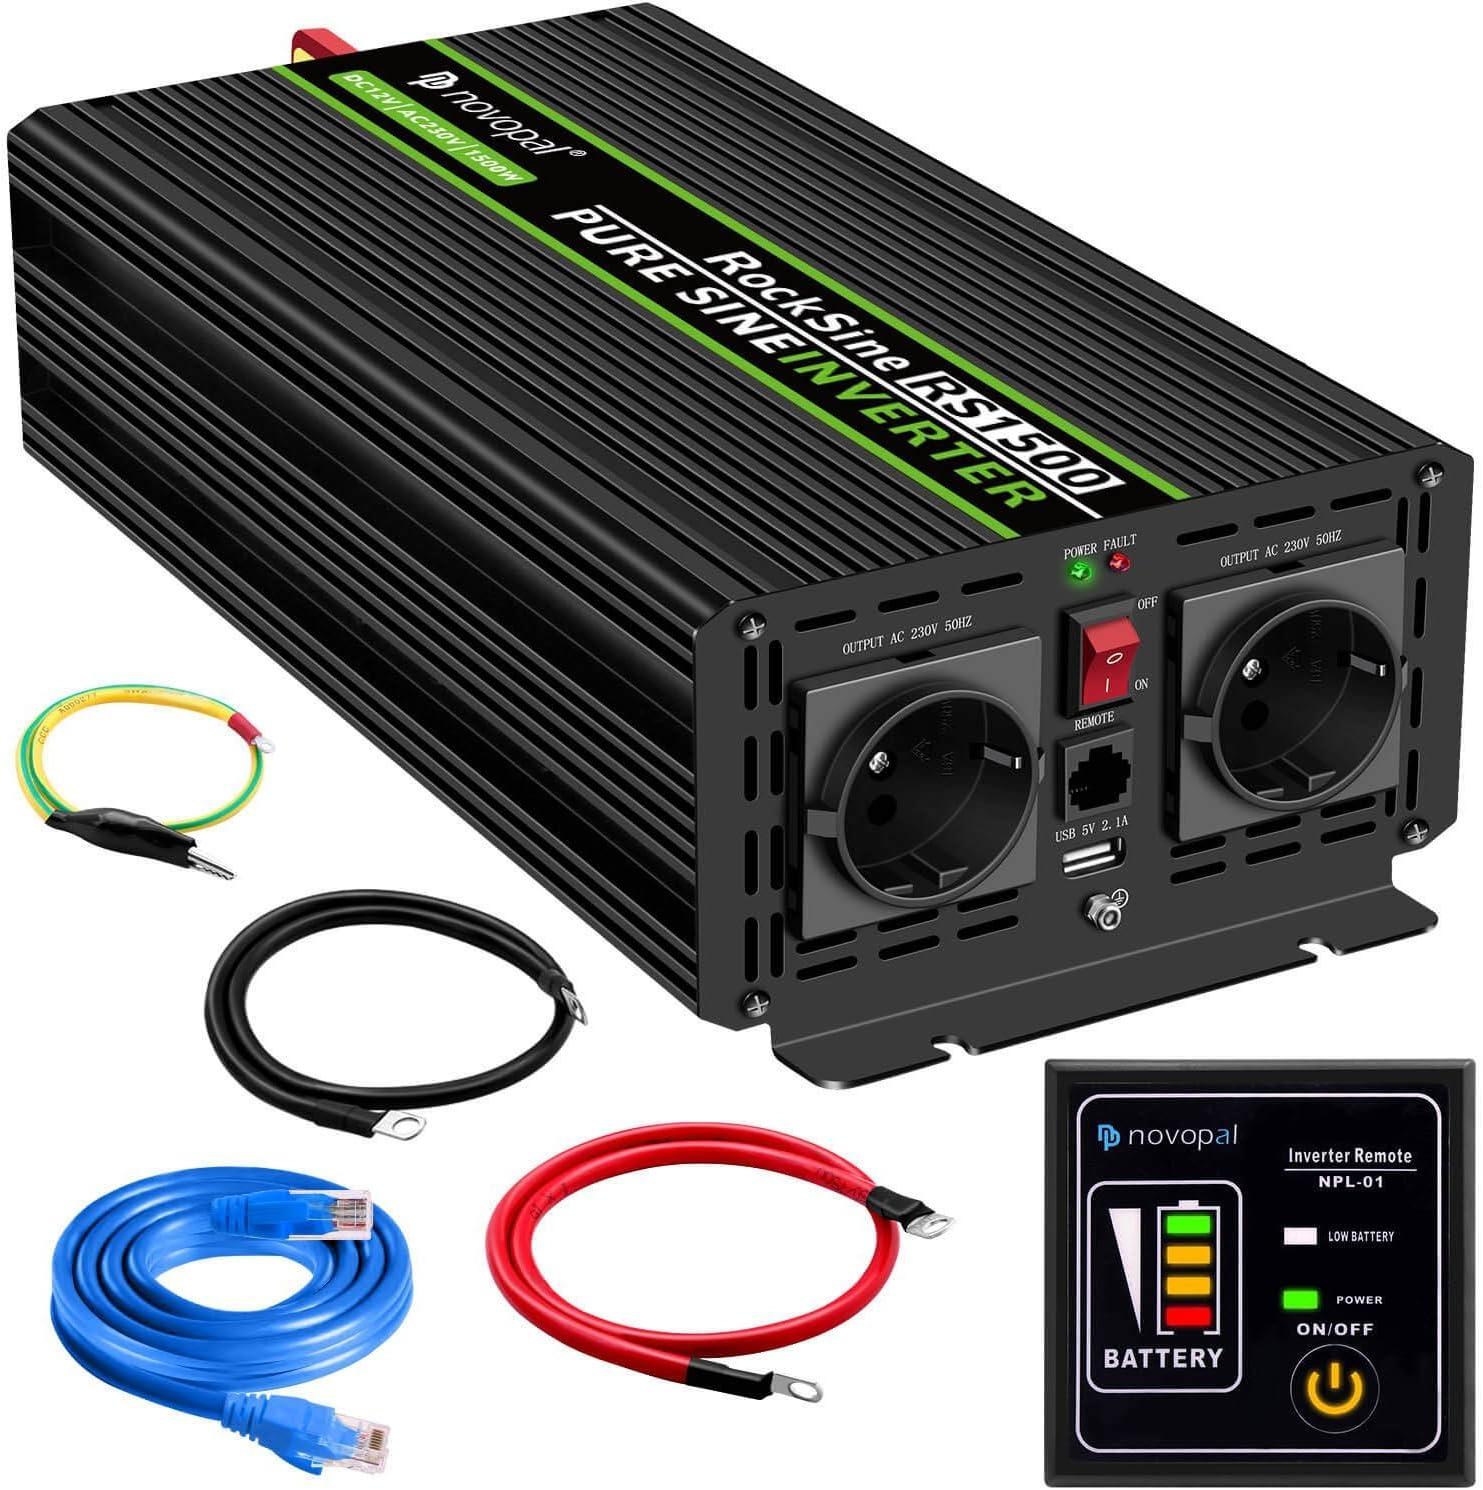 1500W convertidor de Voltaje de Onda sinusoidal Pura de Coche-convertidor de Coche 12v a 230v convertidor - convertidor de inversor con 2 enchufes EU y Puerto USB-Incl. Mando a Distancia de 5 Metros